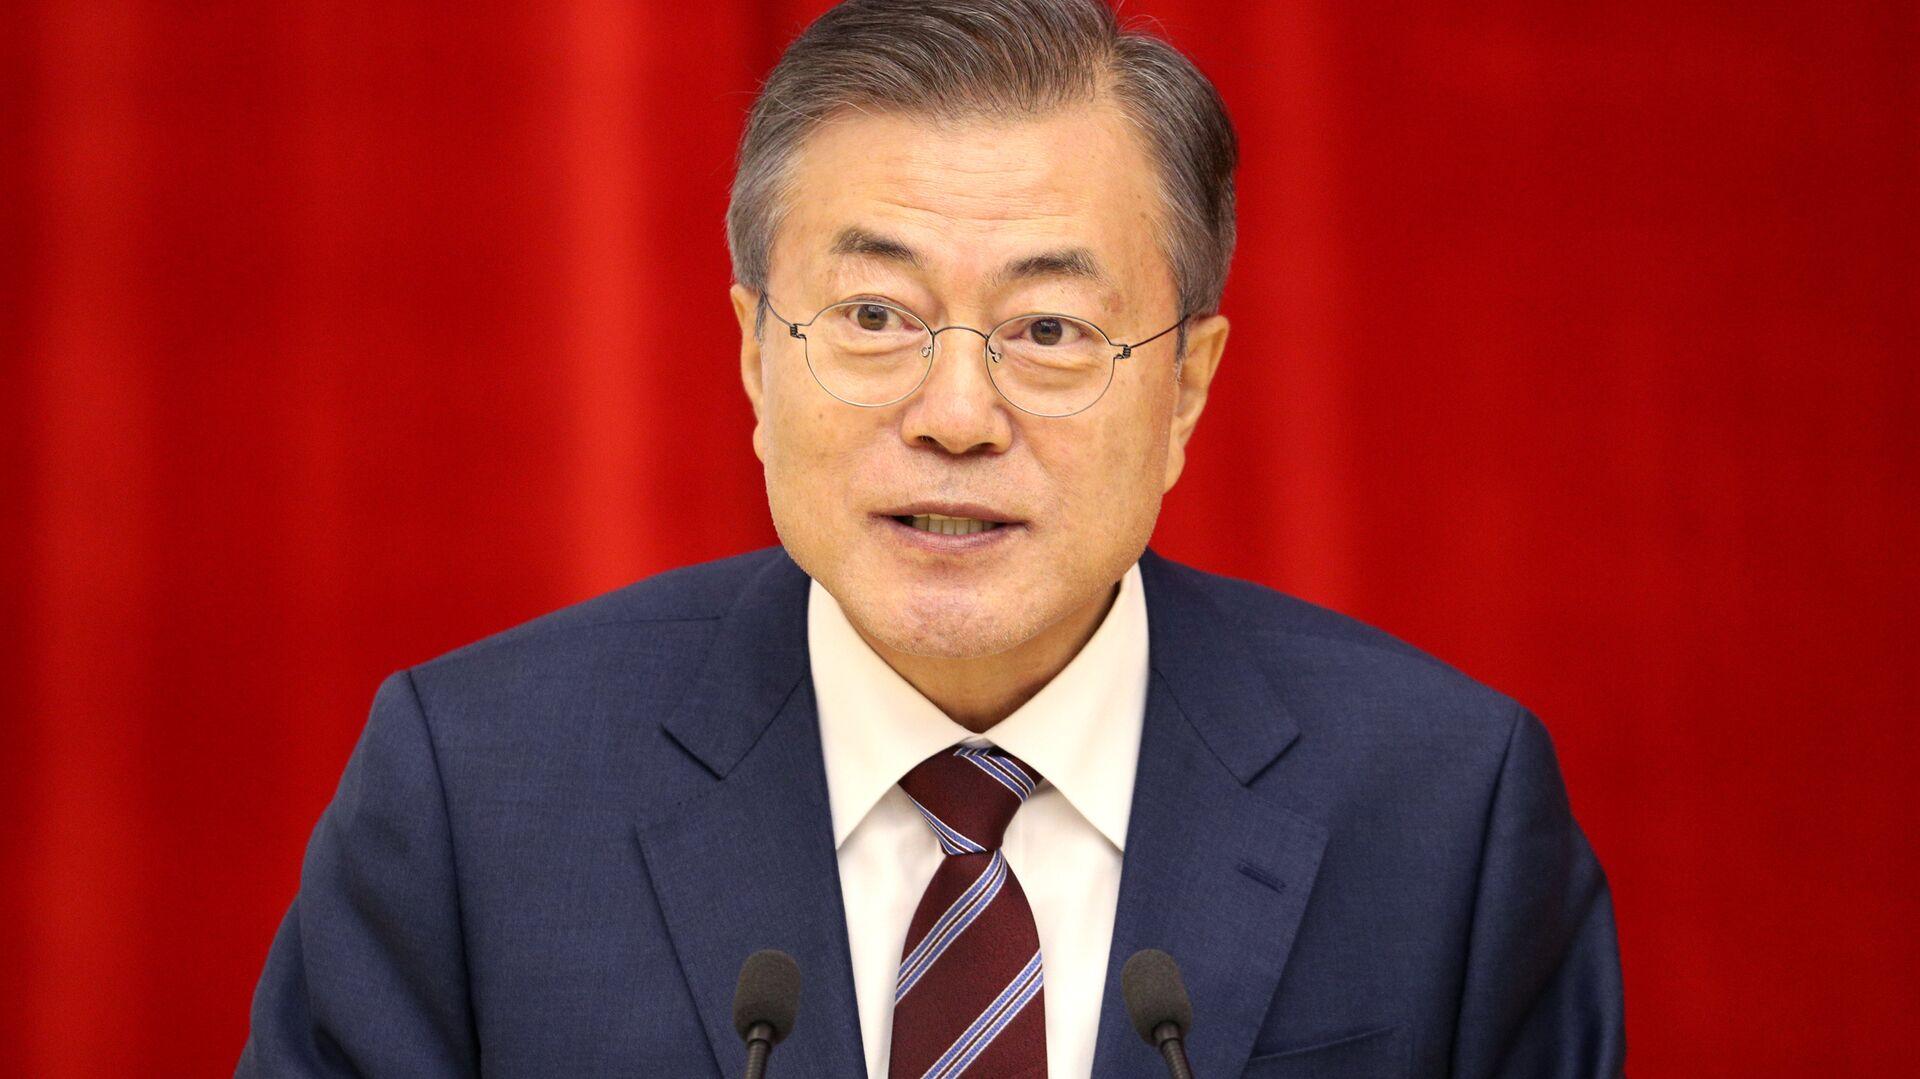 El presidente de Corea del Sur, Moon Jae-in - Sputnik Mundo, 1920, 07.06.2021